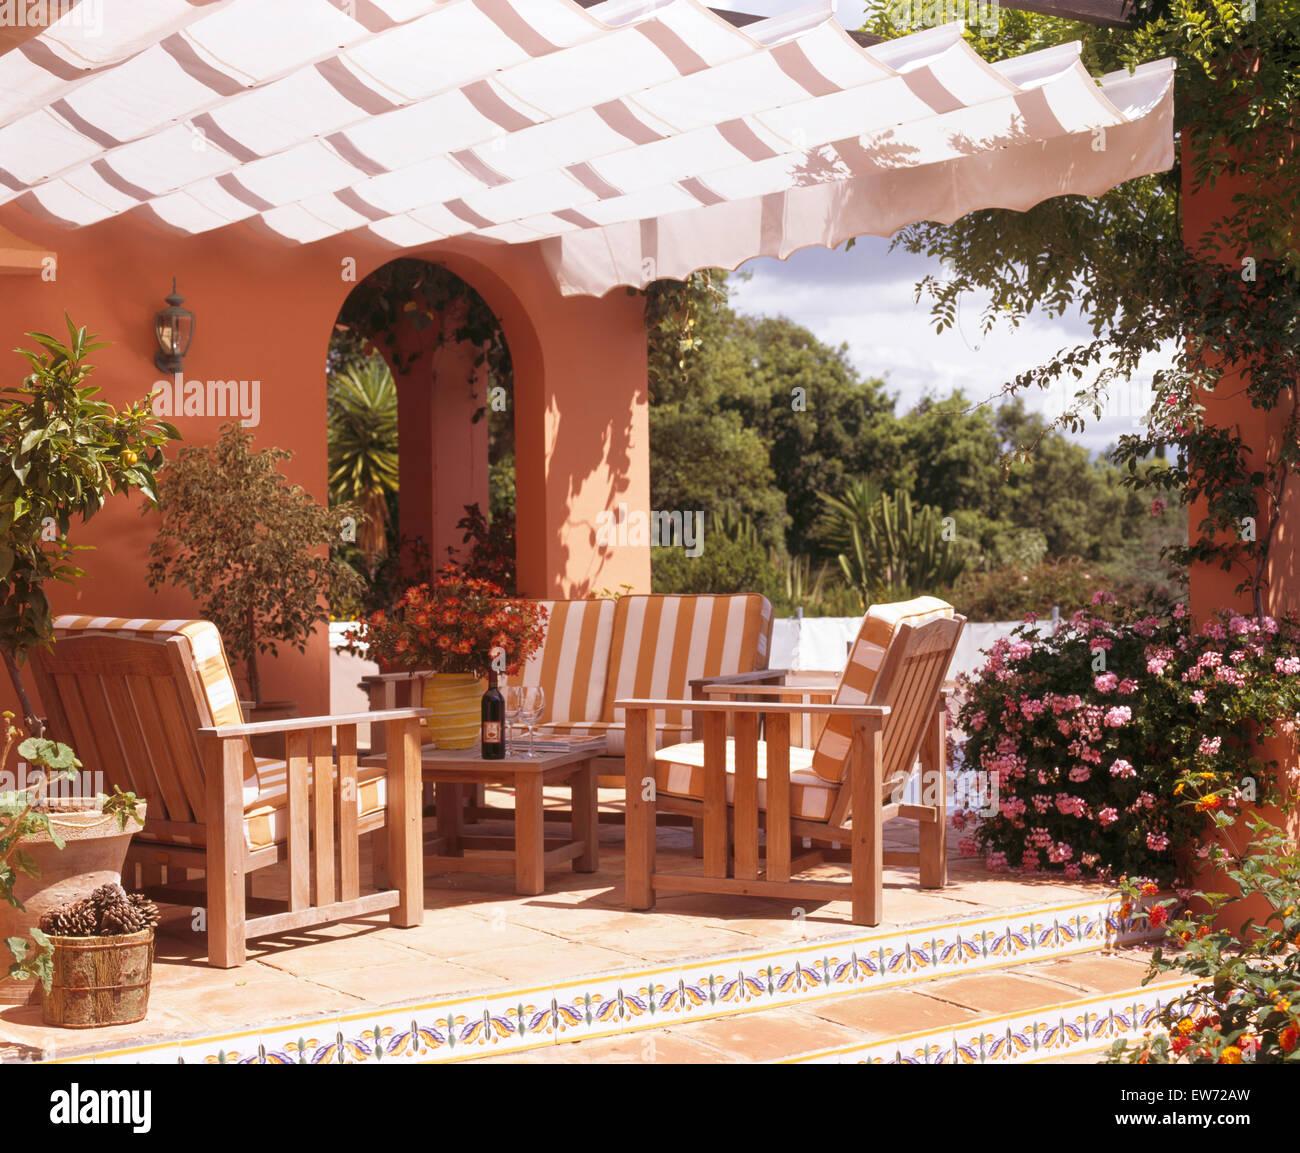 Villa Española Con Toldo Blanco Encima De Terraza Con